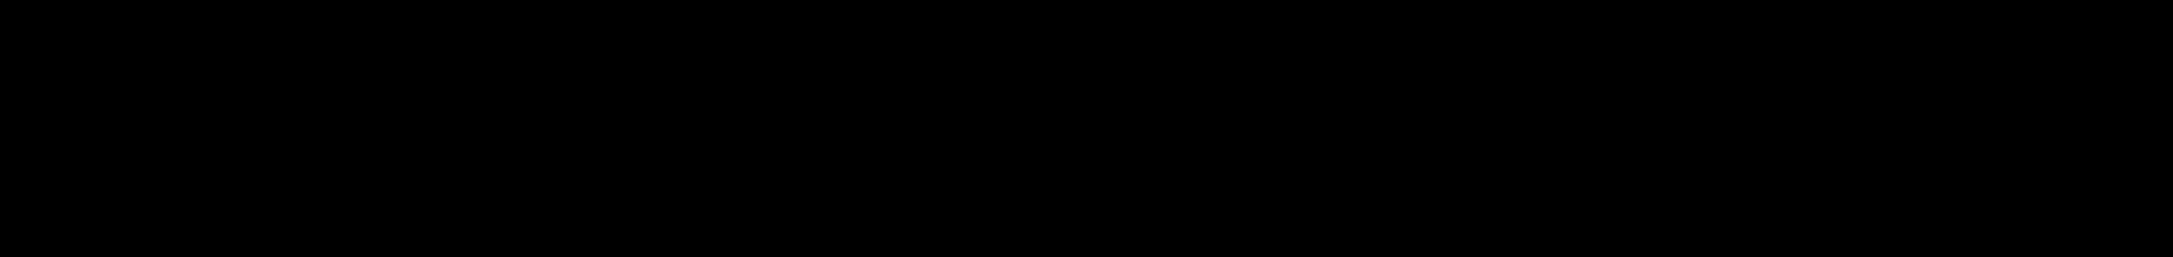 harmonic serpng